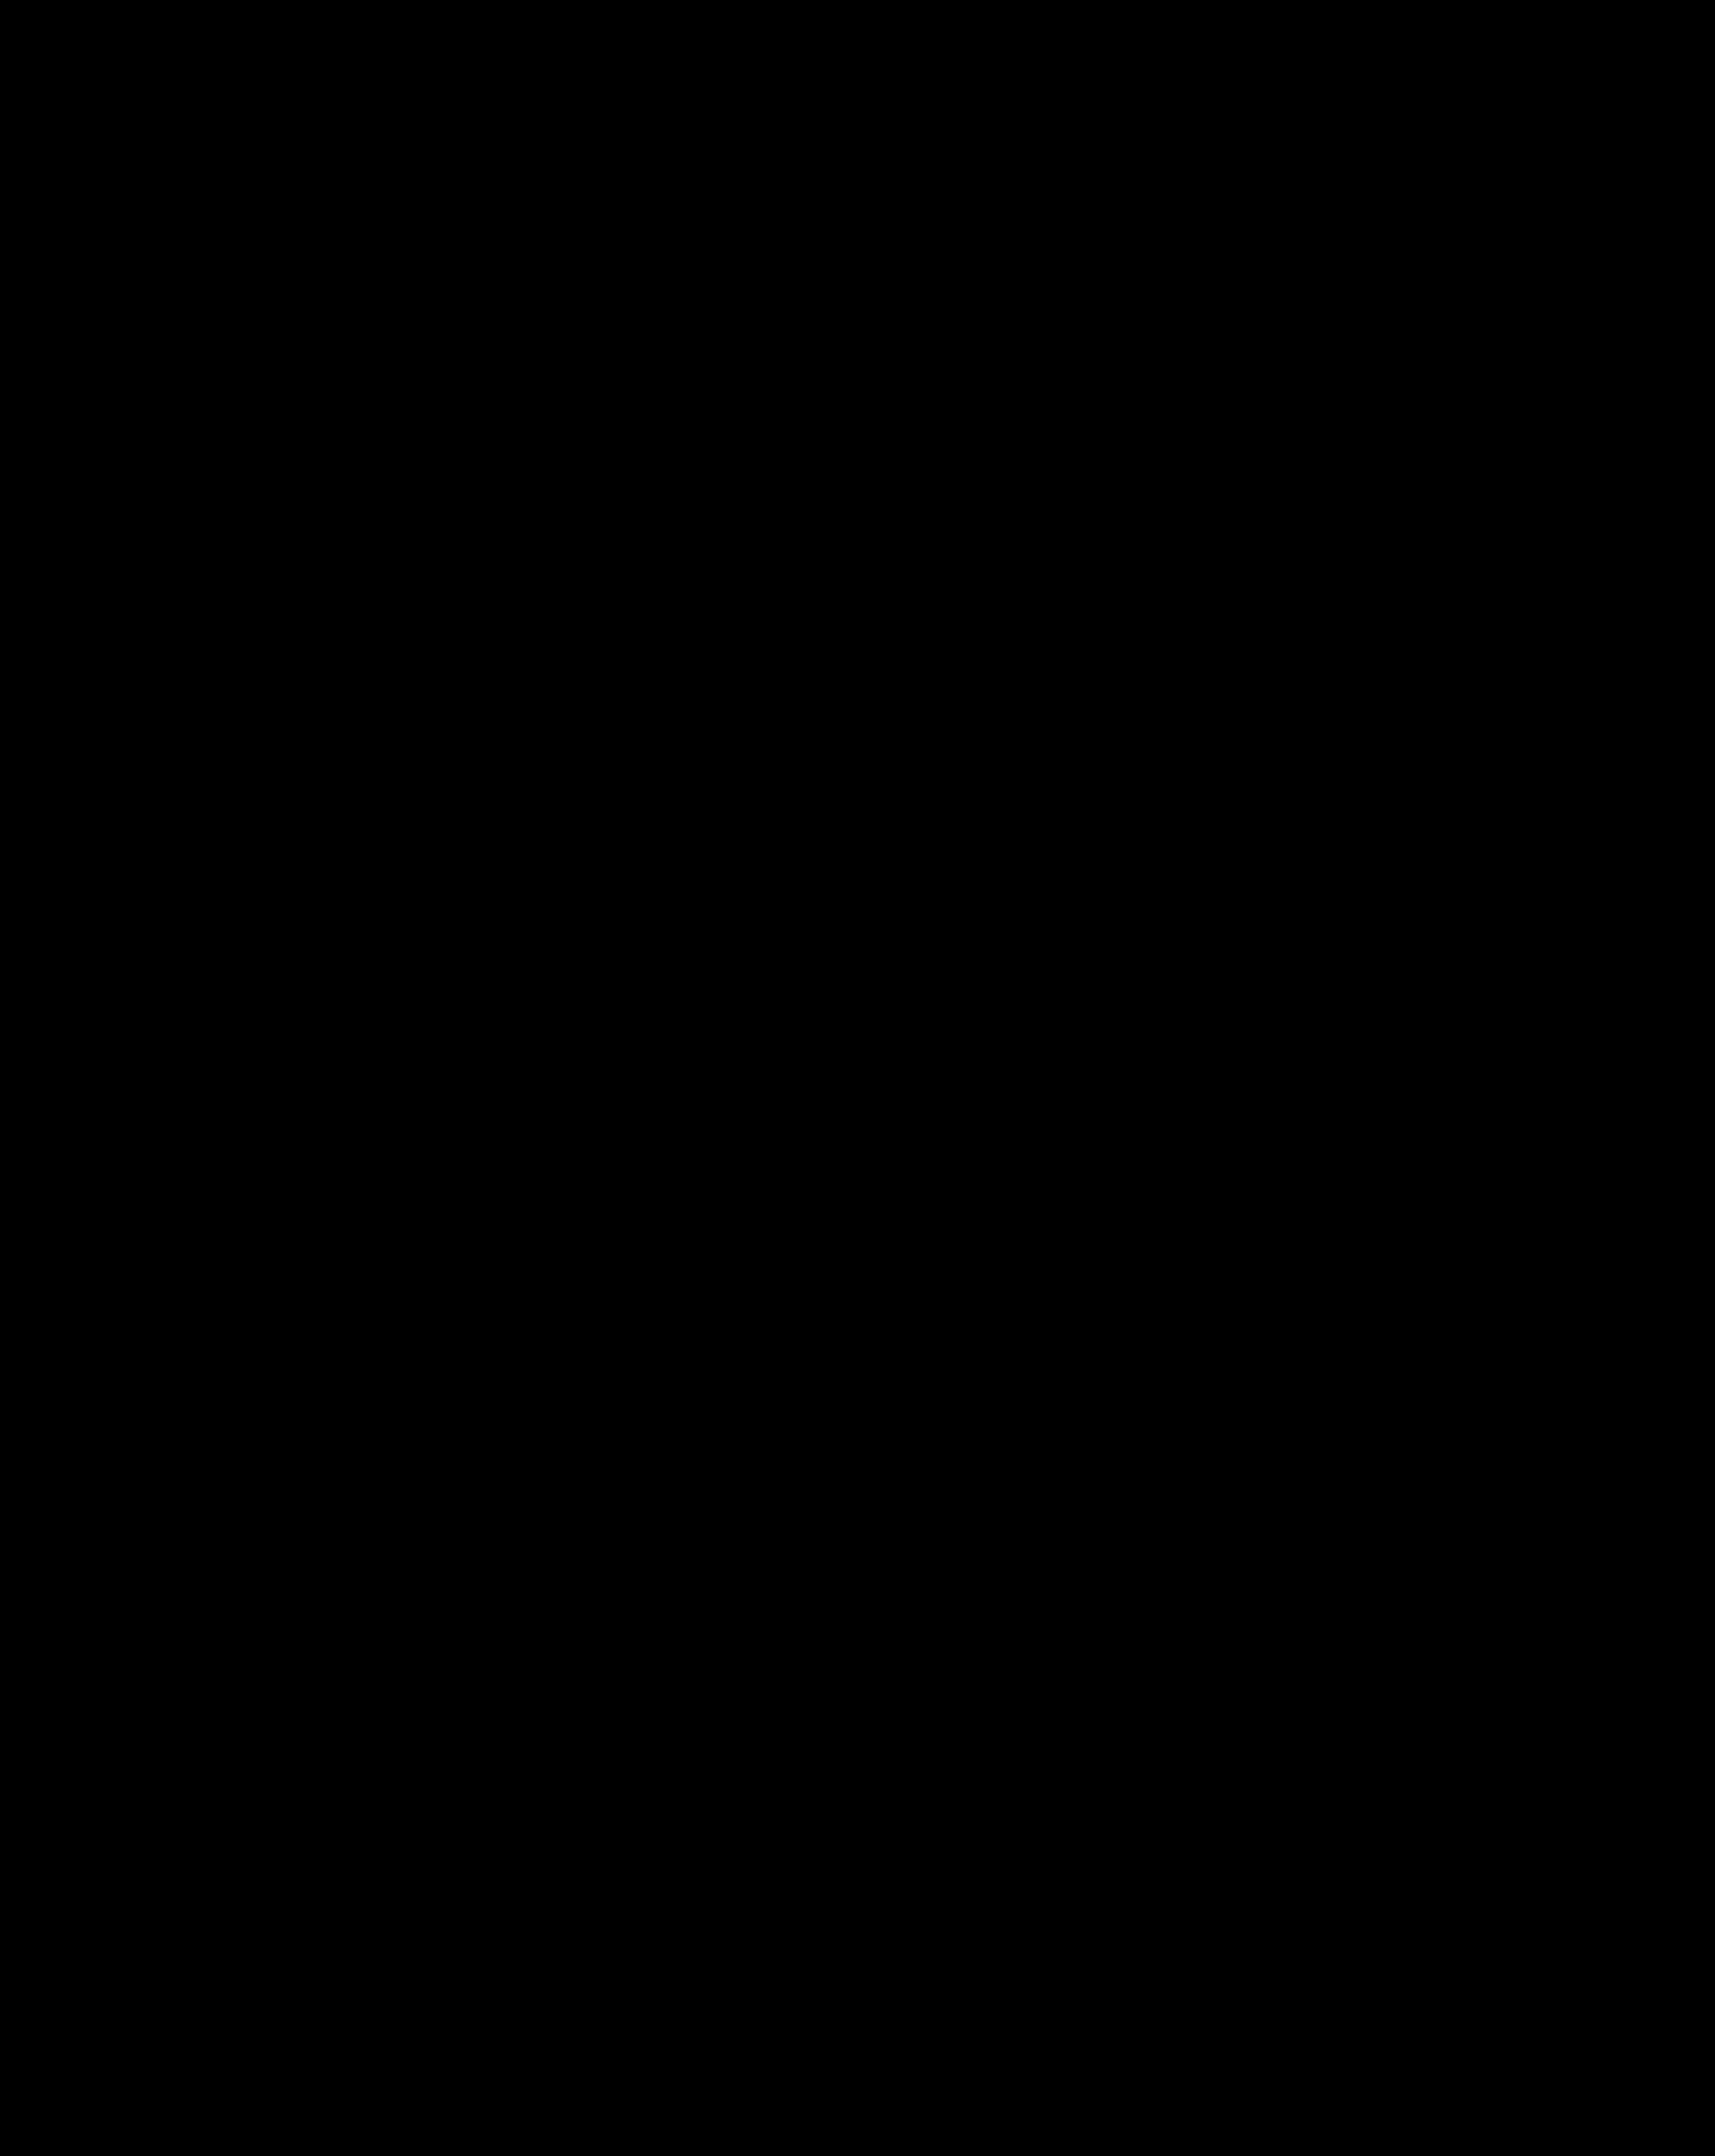 Brook Carlton : Les origines